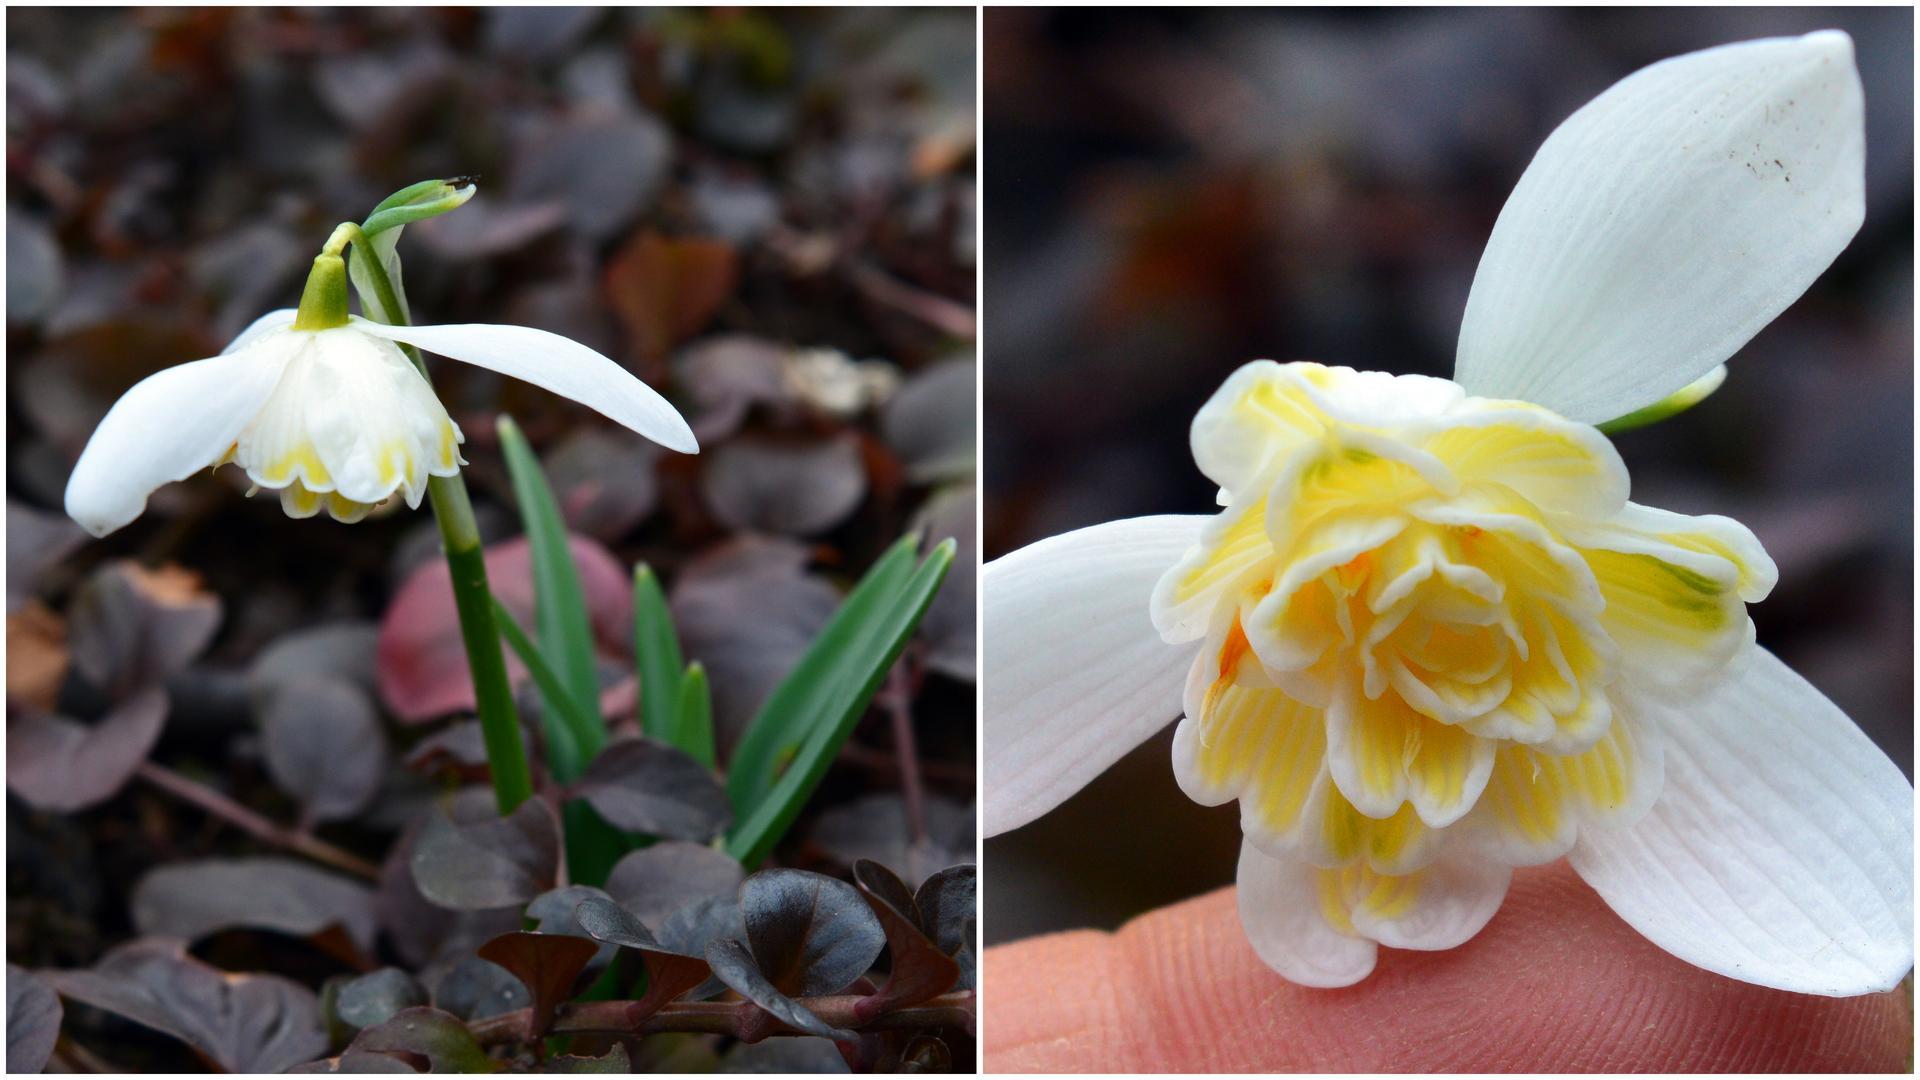 Naša prírodná perma záhradka v roku 2021 - 3/2021 - jedna z mojich botanických snežienok. Veľmi namyslená. Ak vôbec ráči vykvitnúť, tak má jediný kvietok, vôbec sa nemnoží.